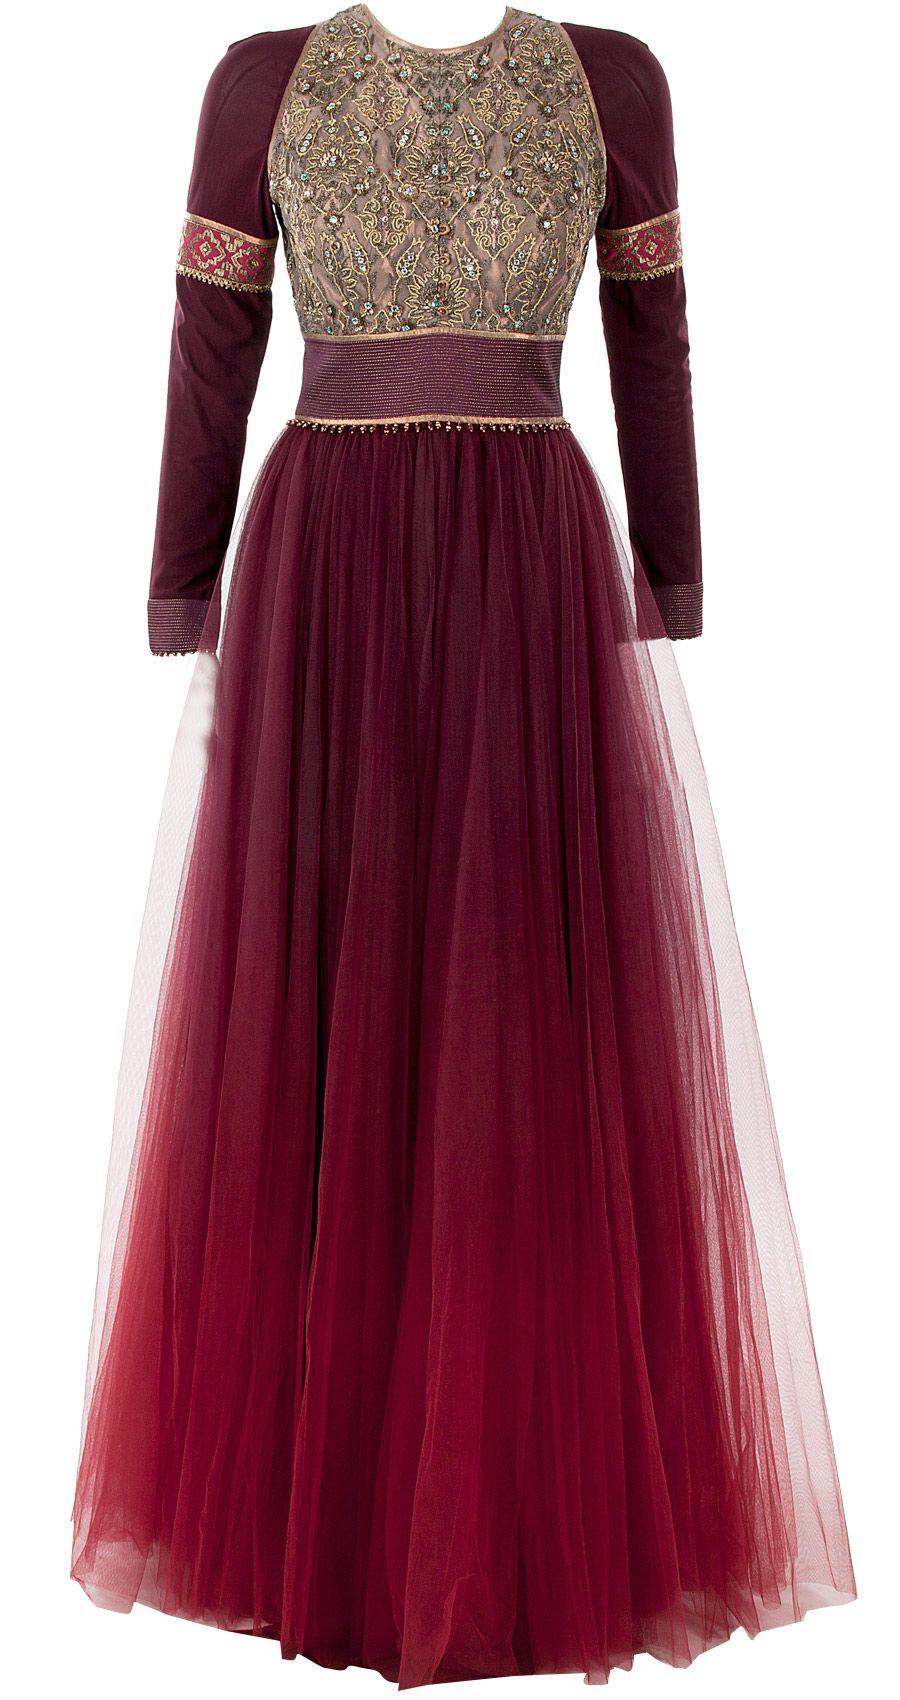 Long anarkali indian bollywood wedding designer bridal salwar kameez